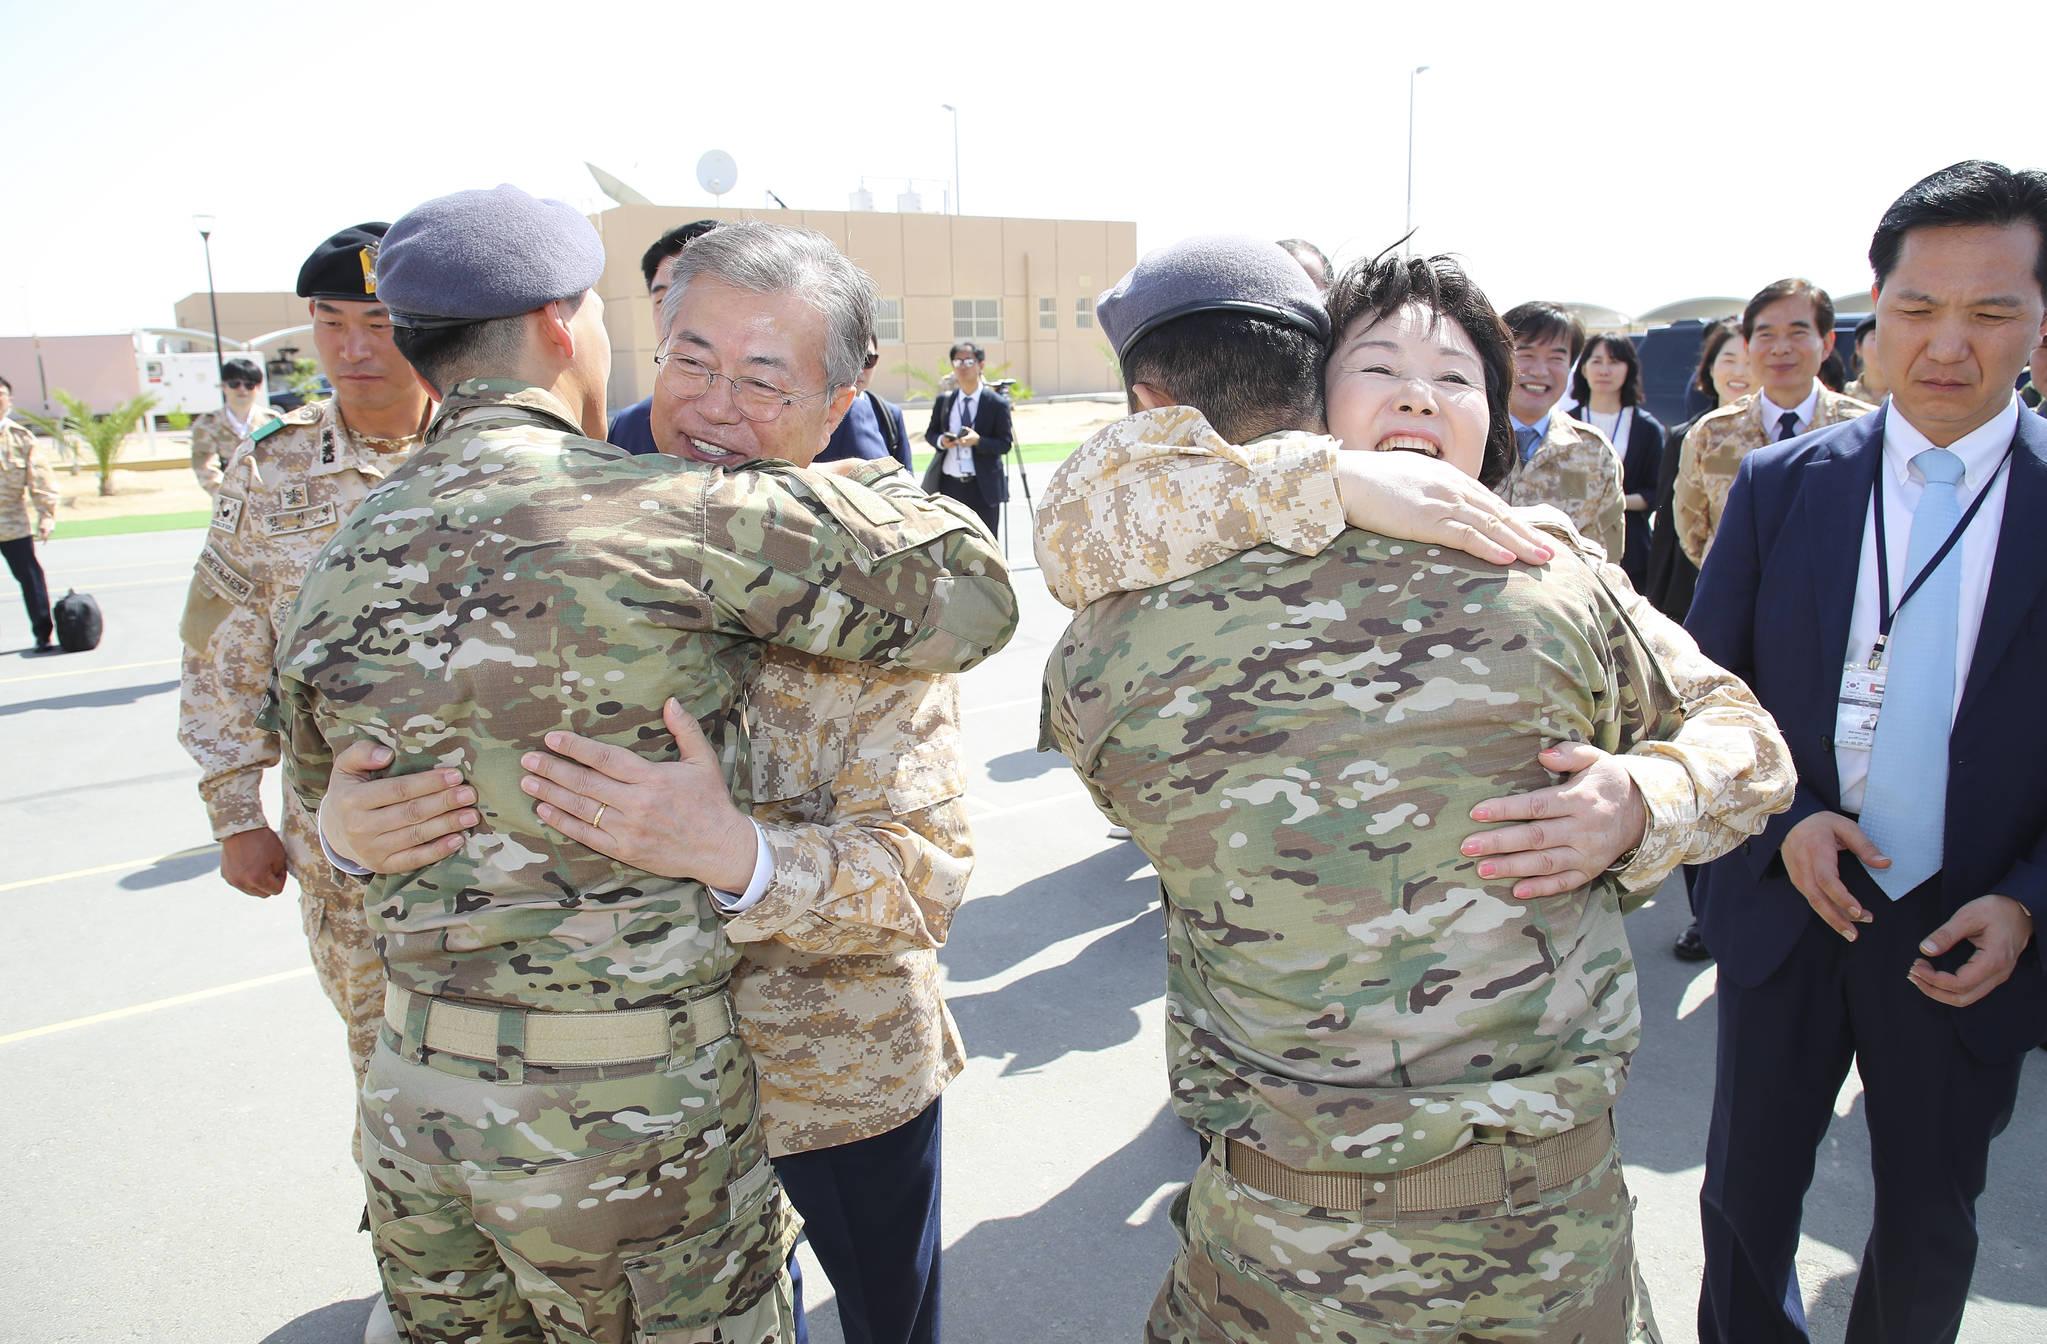 아랍에미리트(UAE)를 공식 방문 중인 문재인 대통령과 김정숙 여사가 3월 27일 오전(현지시간) 아부다비에 주둔하고 있는 아크 부대를 방문, 장병들을 안아주고 있다. 김상선 기자